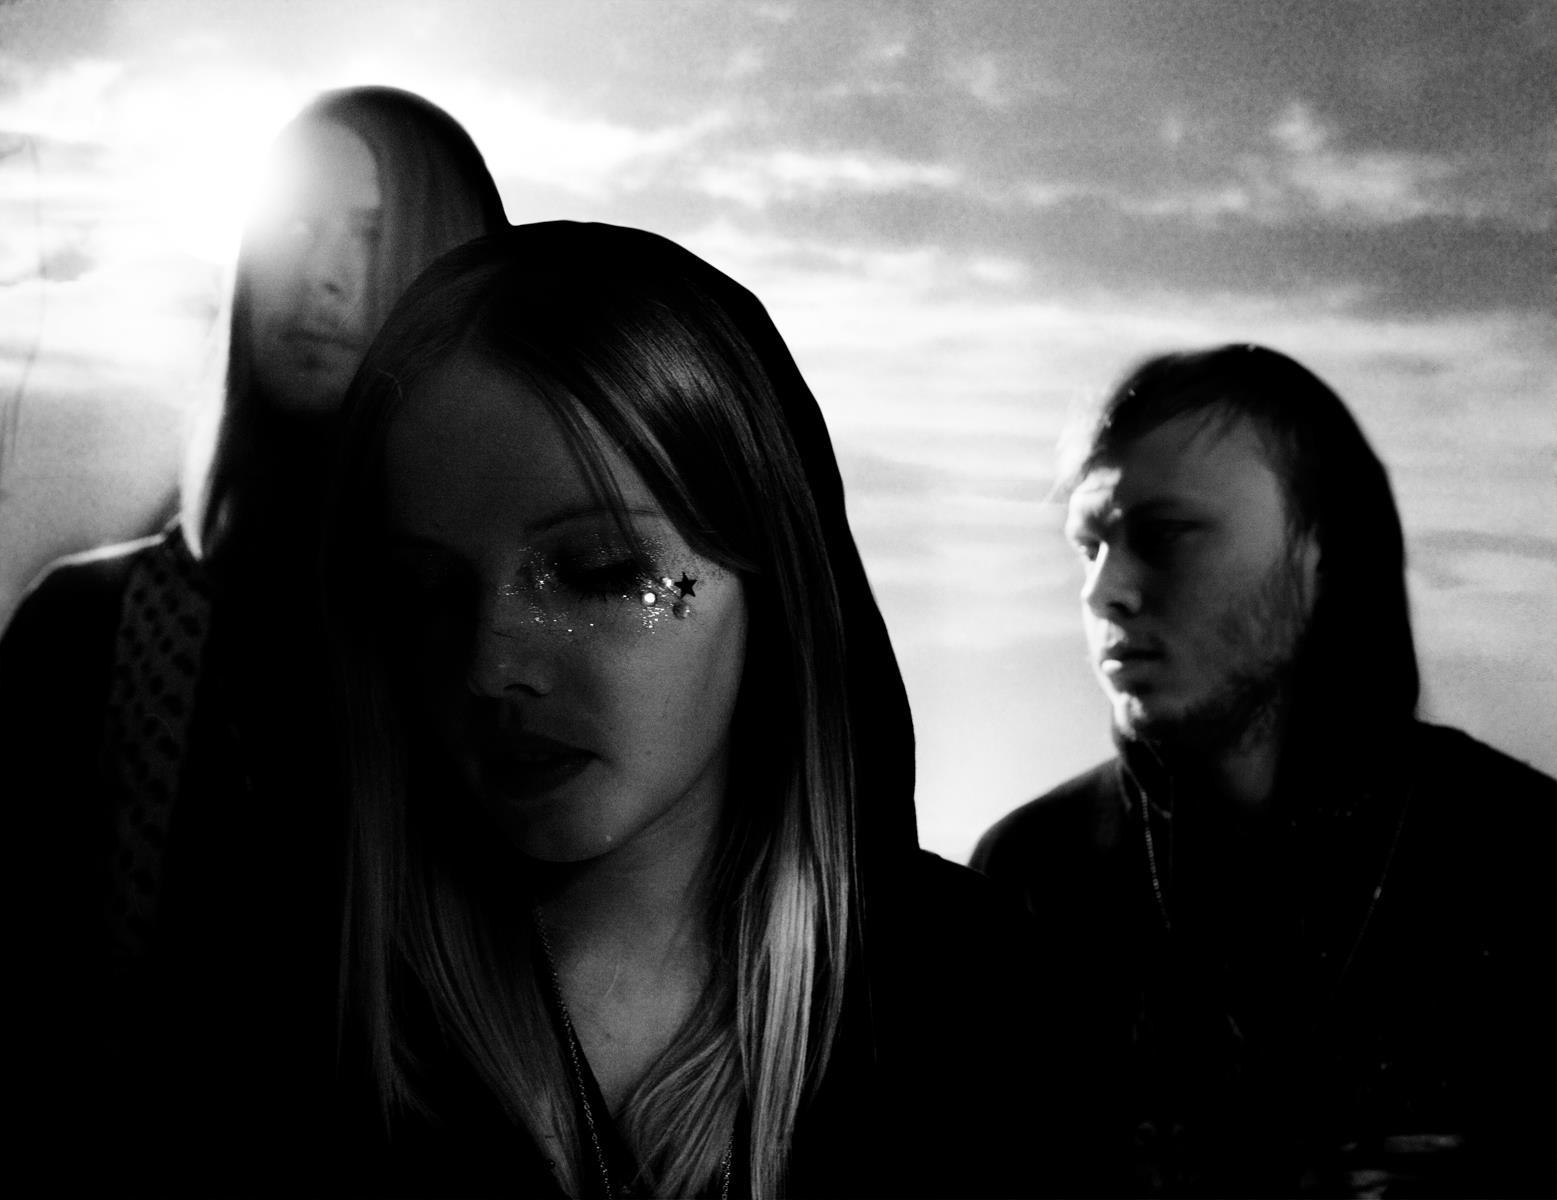 Postiljonen: mūsų muzika – kelionėms ir sentimentaliems prisiminimams